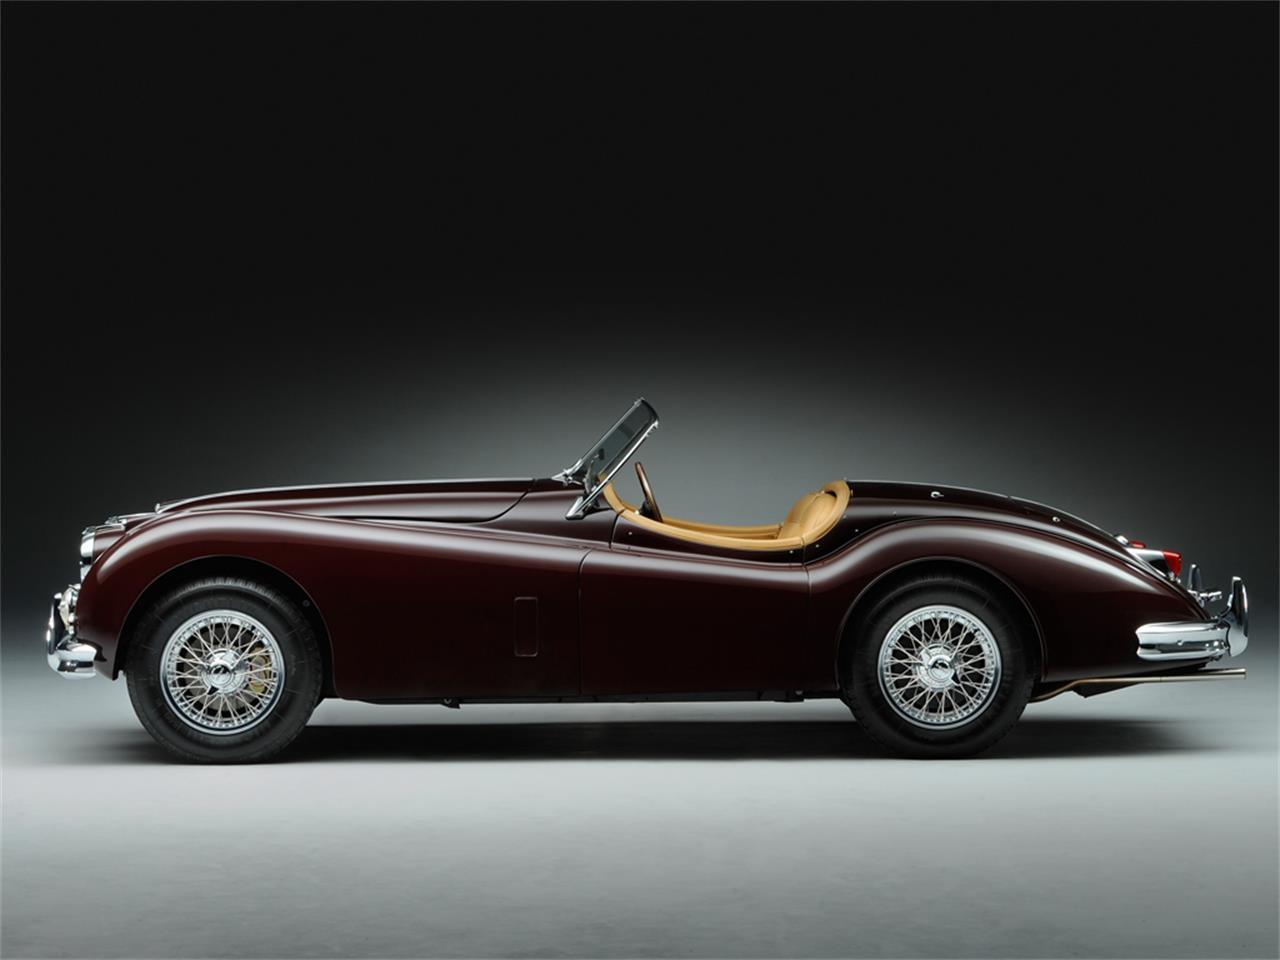 1955 JAGUAR XK 140 M ROADSTER - 66367  |1955 Jaguar Roadster